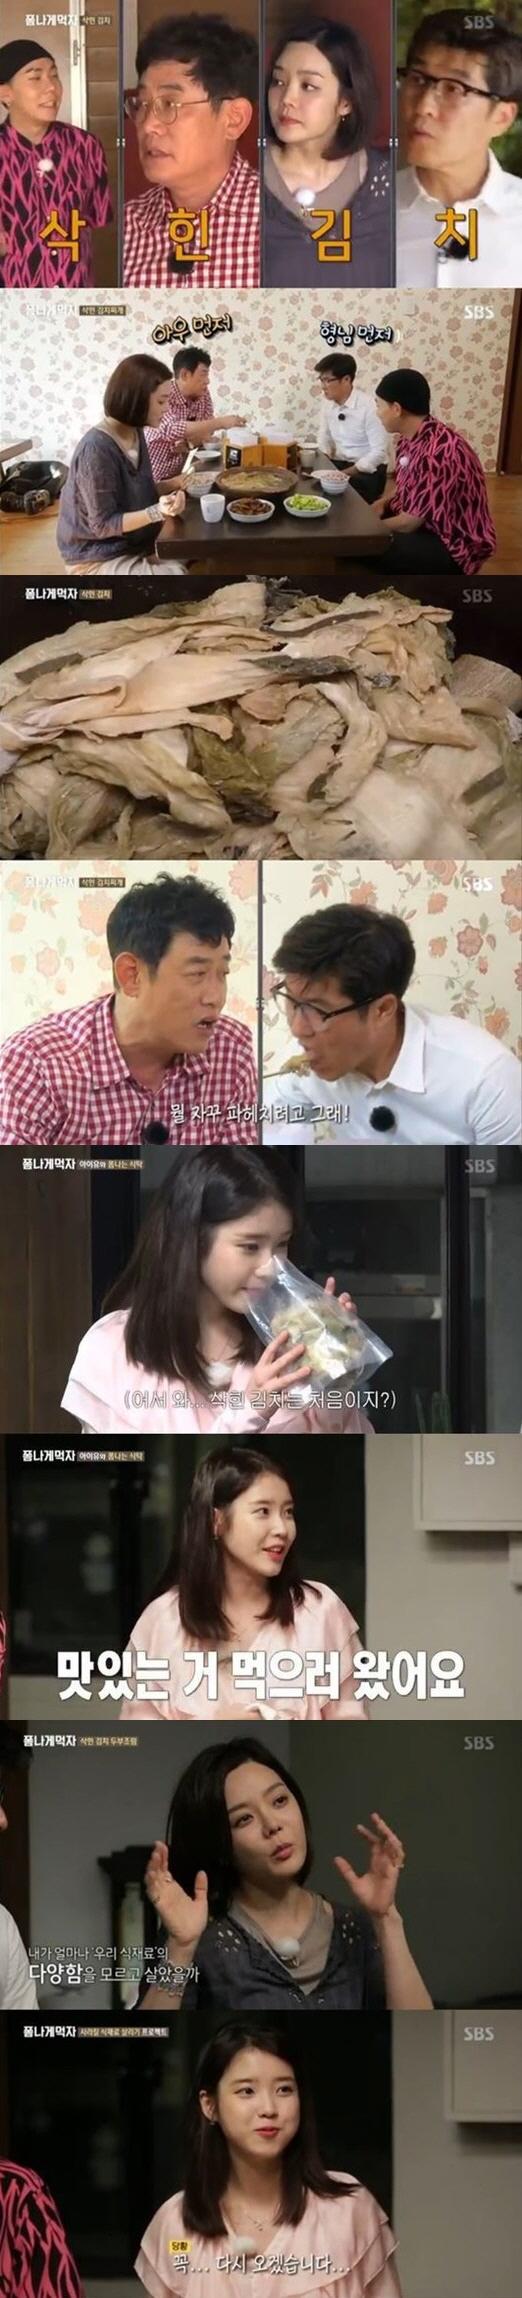 '폼나게 먹자', '댄싱하이'·'빅포레스트' 누르고 金 새 예능 시청률 1위